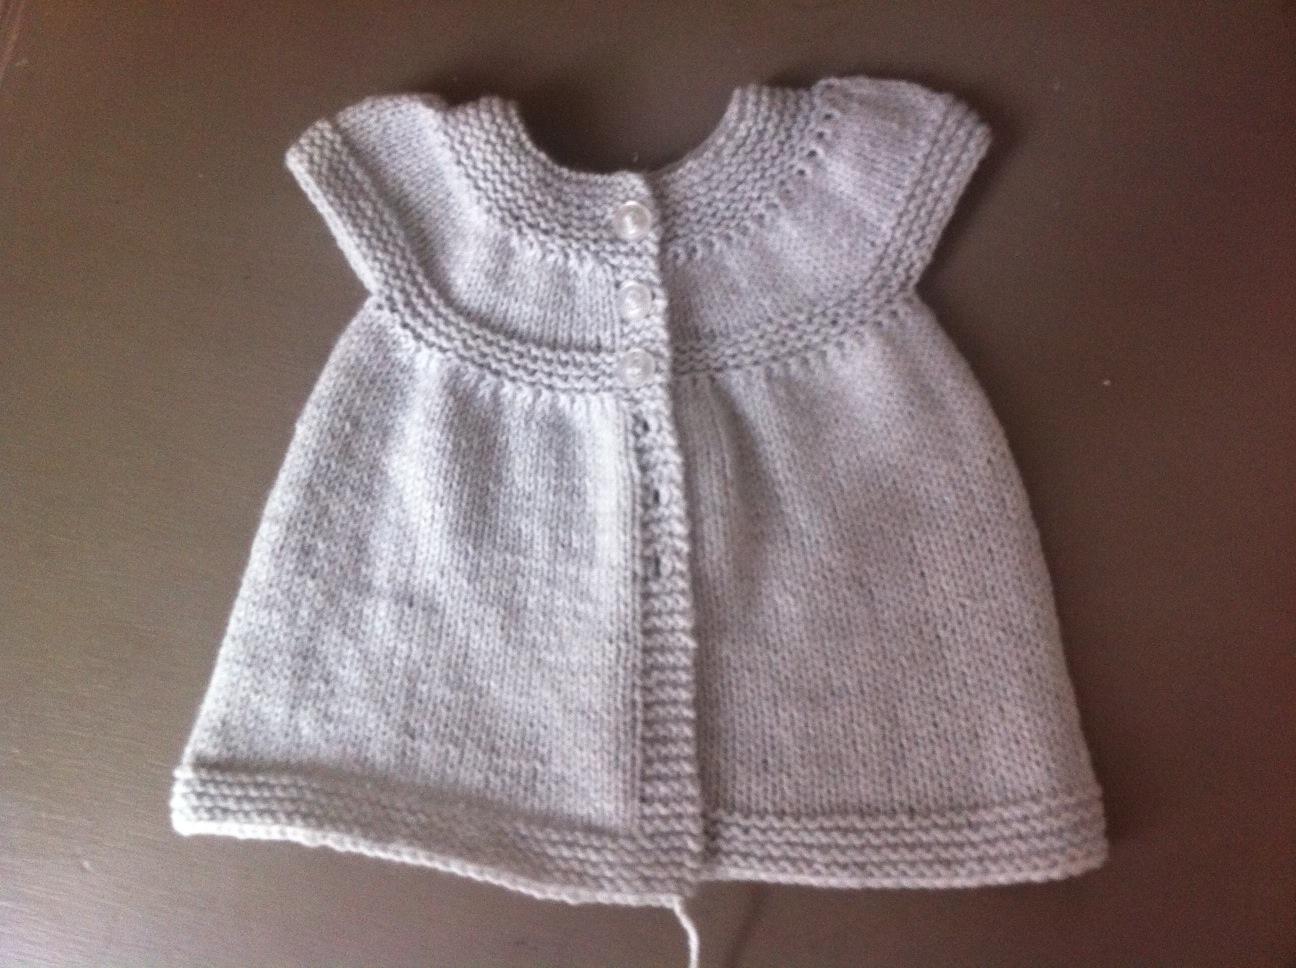 comment tricoter une robe en laine pour petite fille